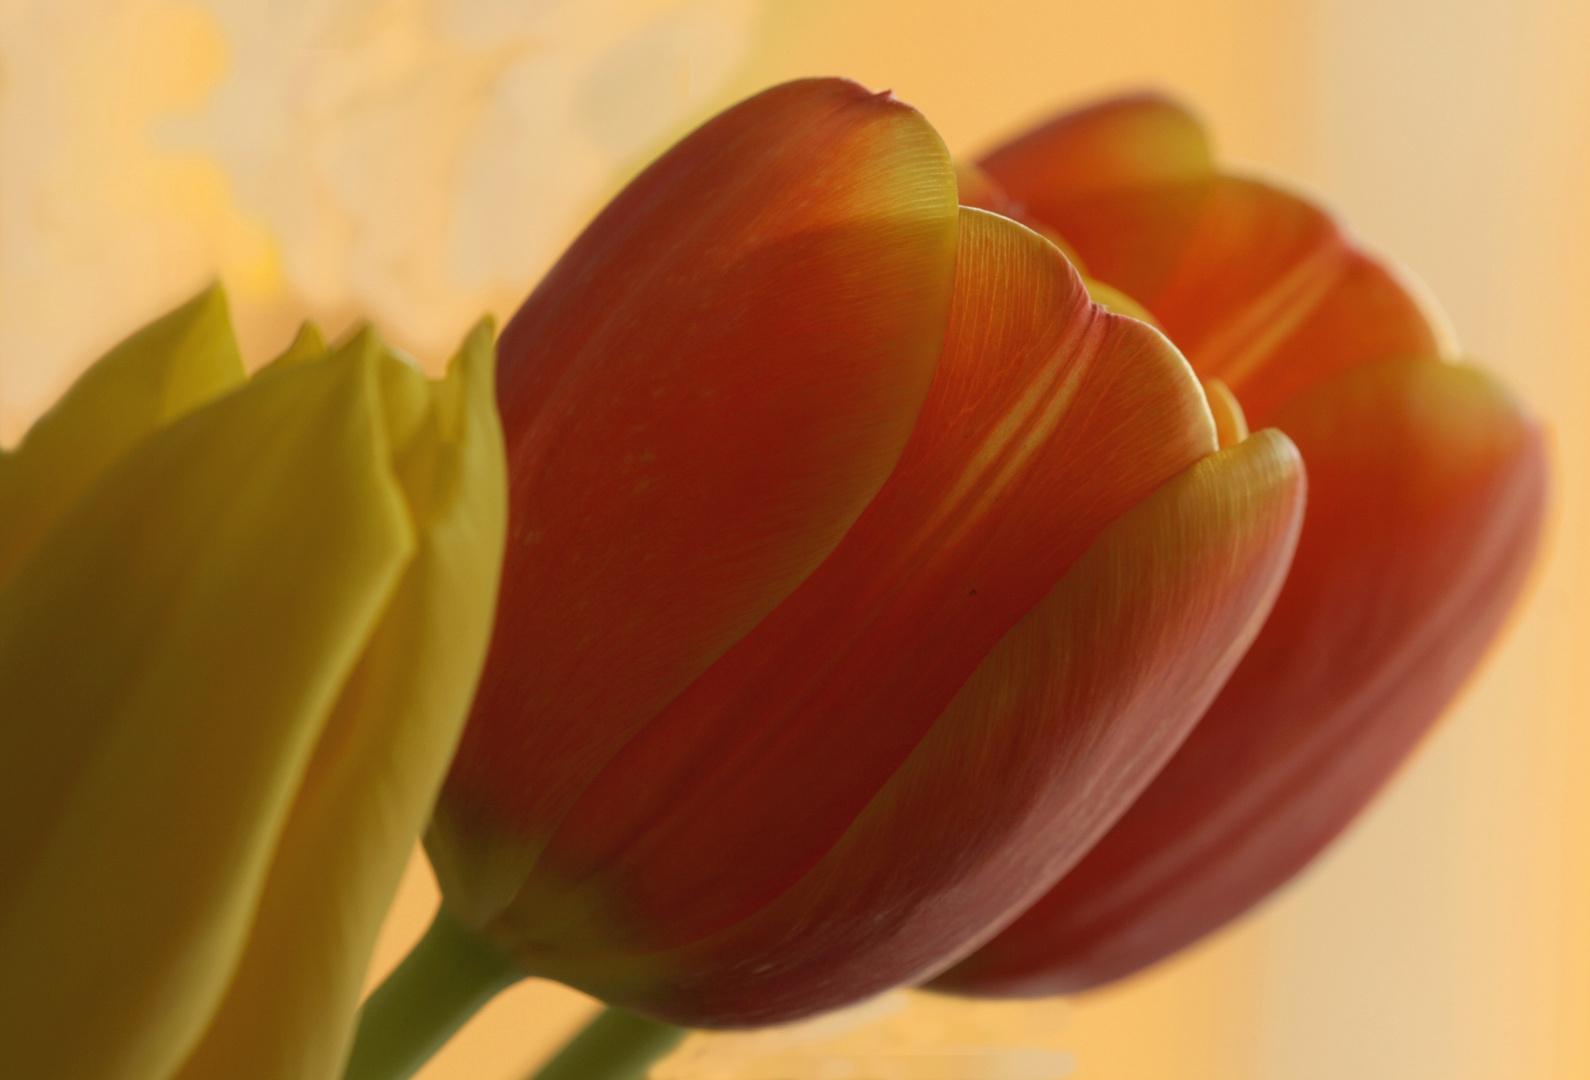 Tulpen- der Frühling wird mit Blüten herbeigezaubert